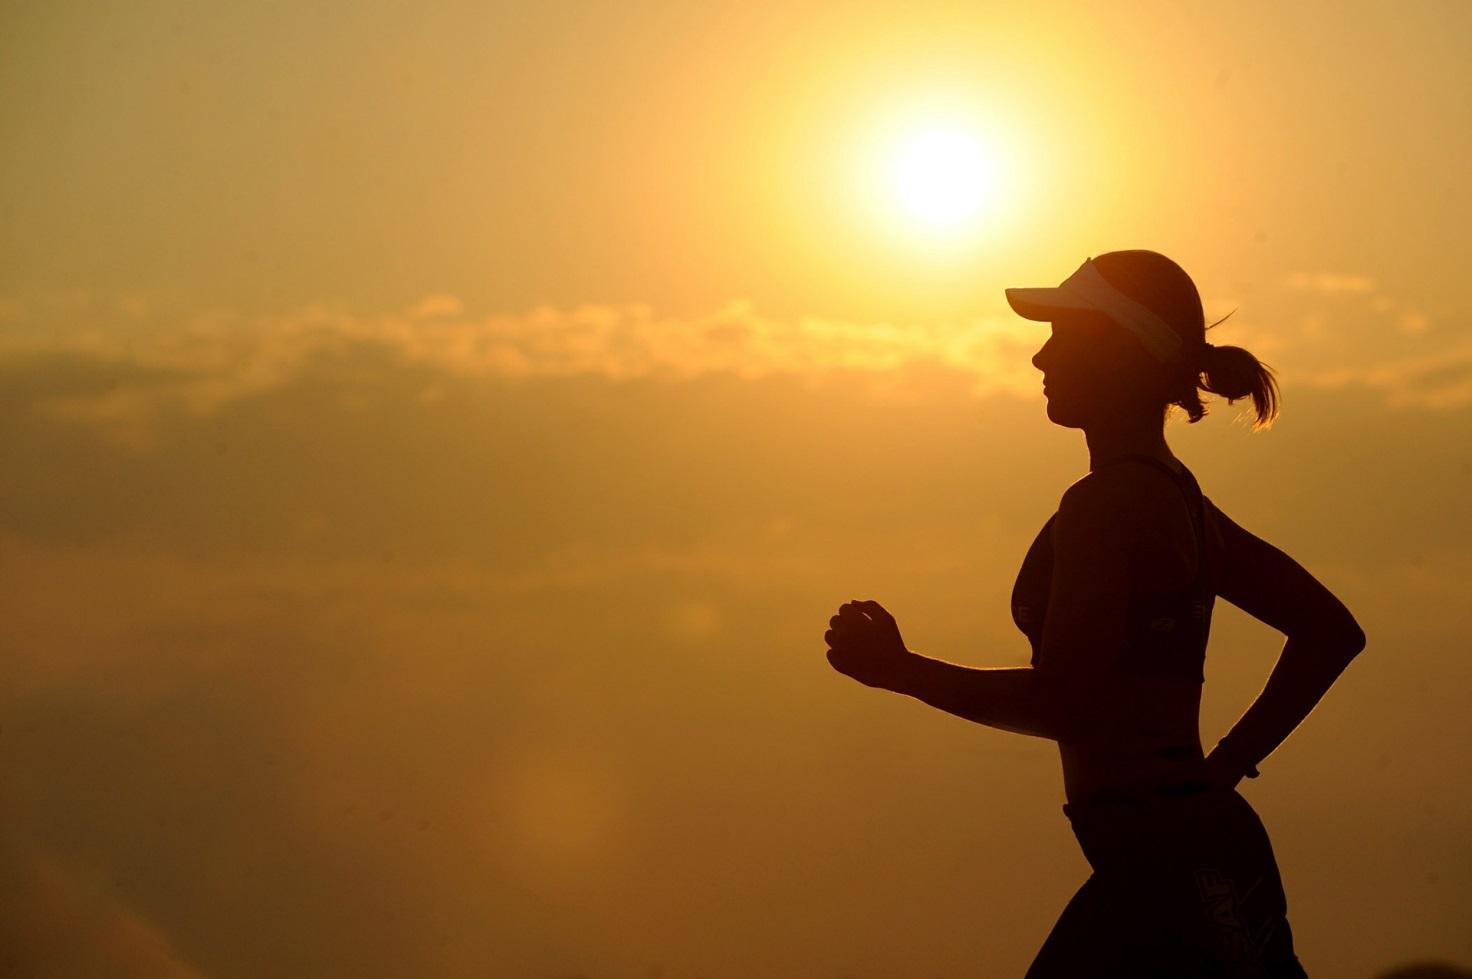 Movimento fisico e divertimento: connubio possibile?